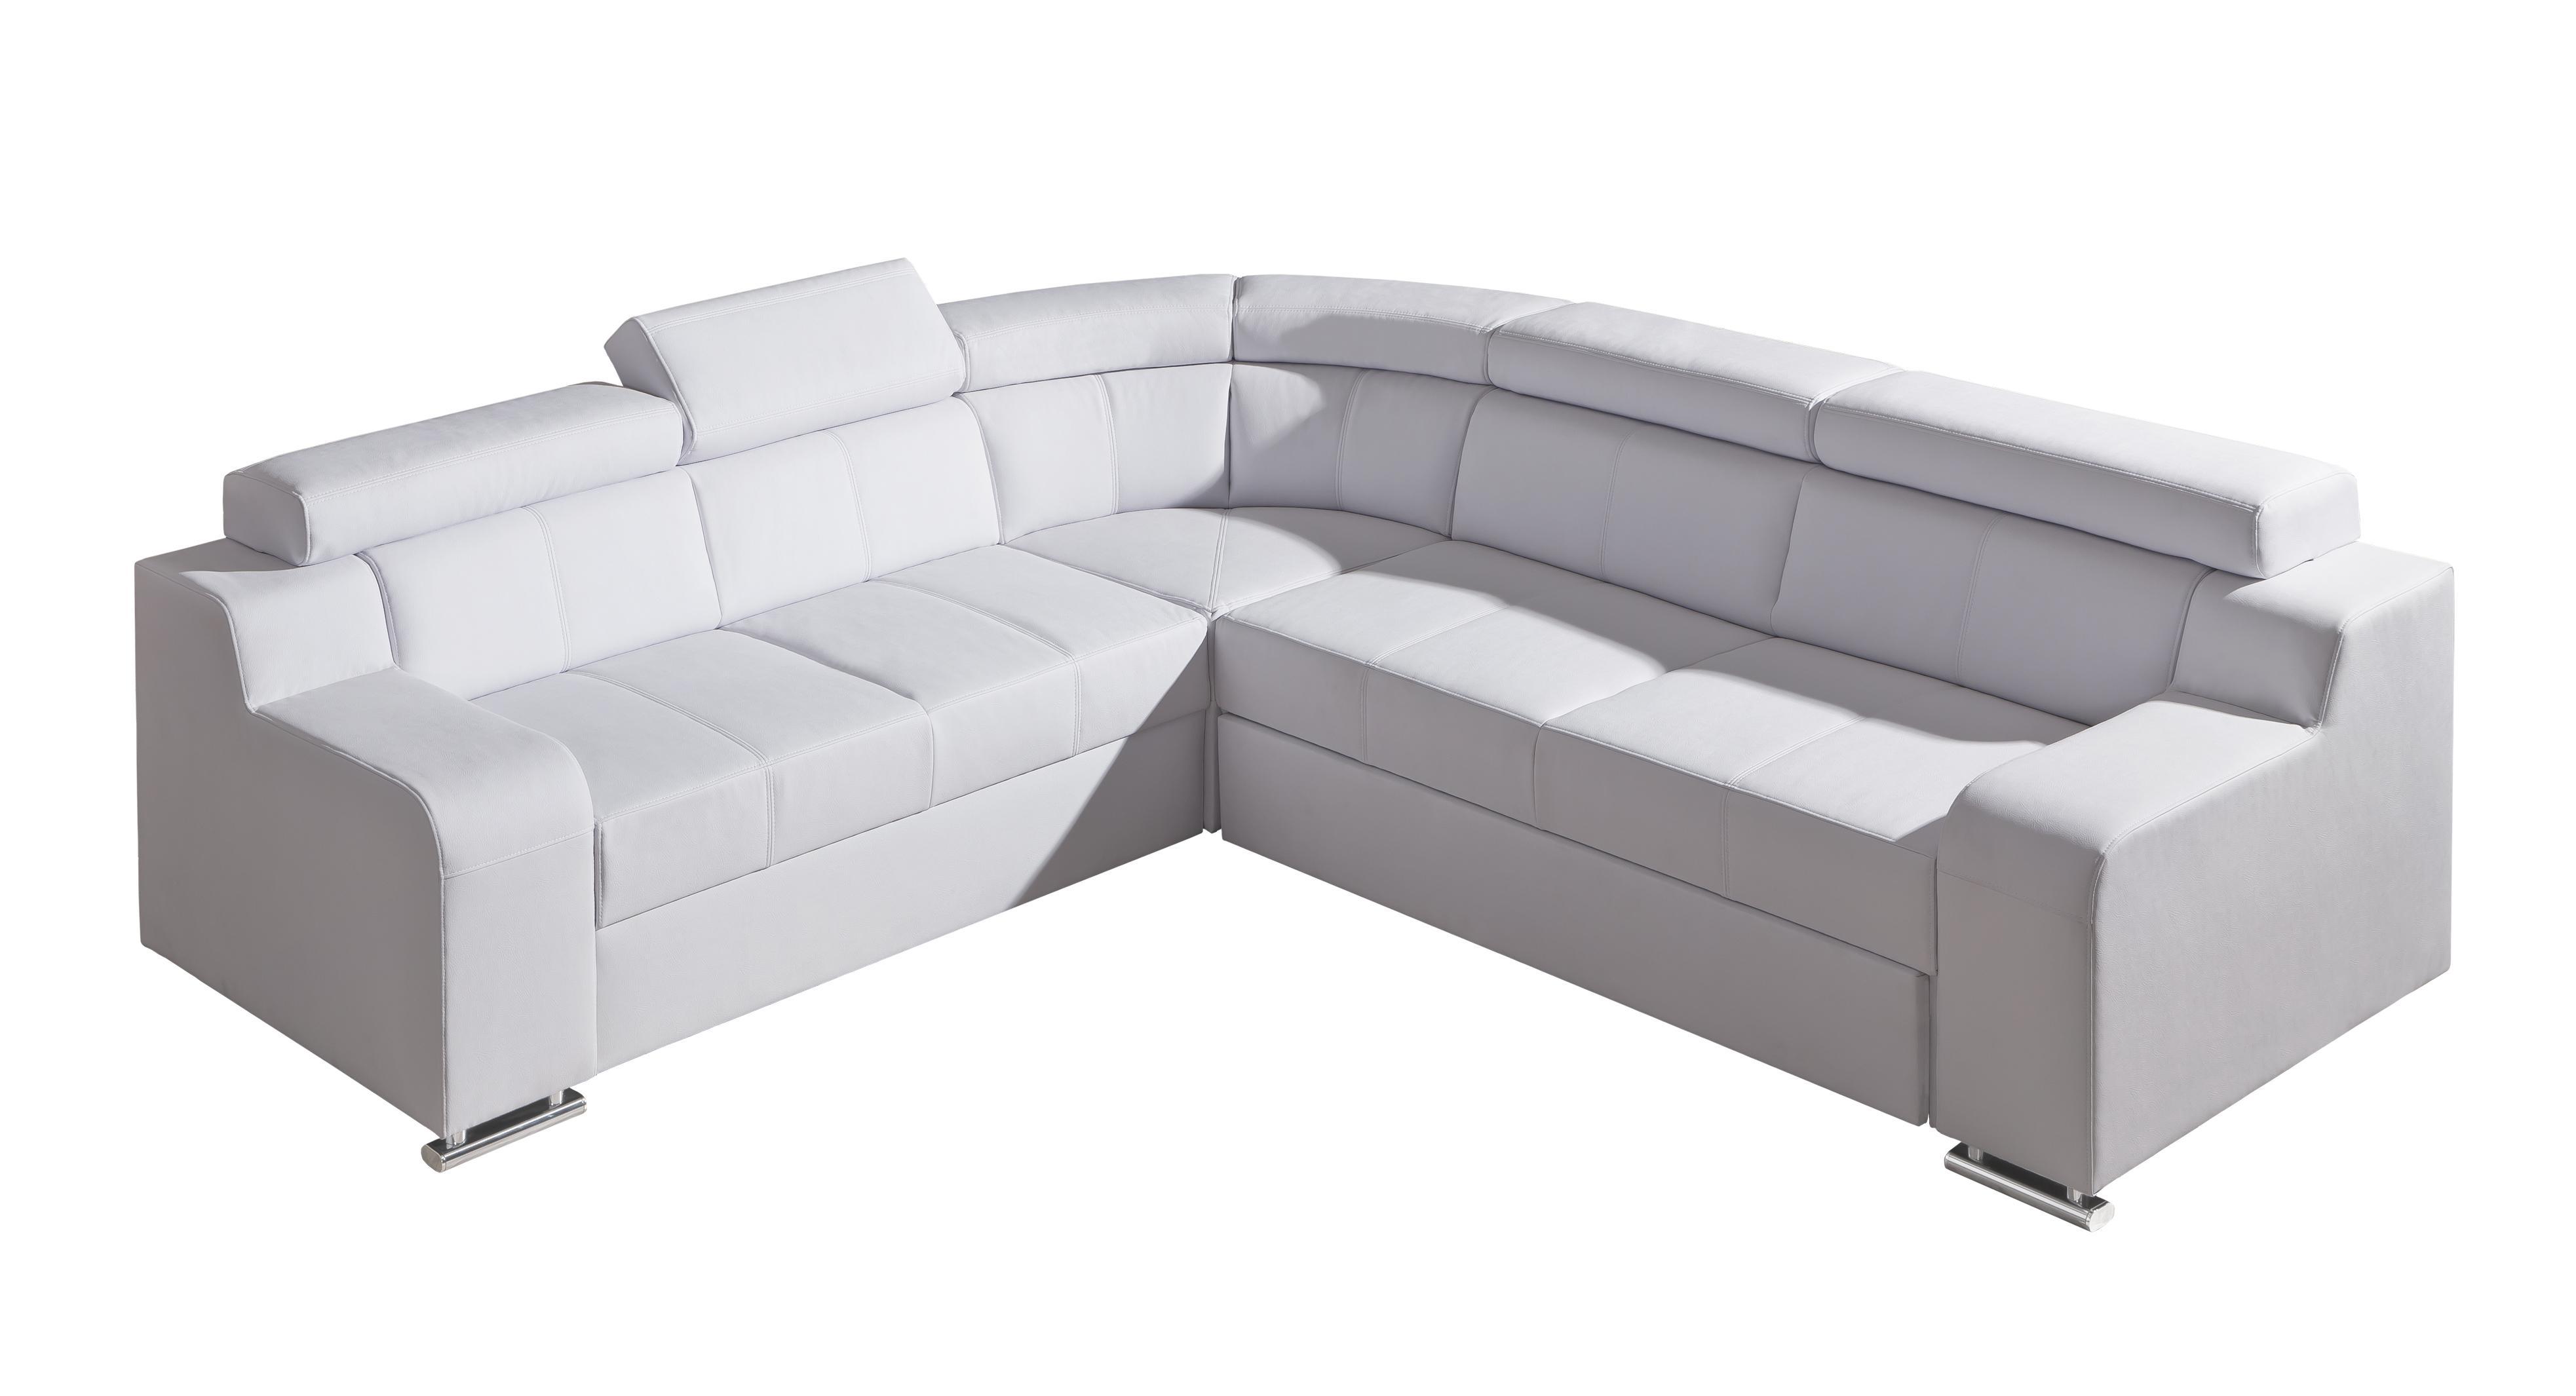 Rohová sedací souprava - Orin 1 (bílá) (L)